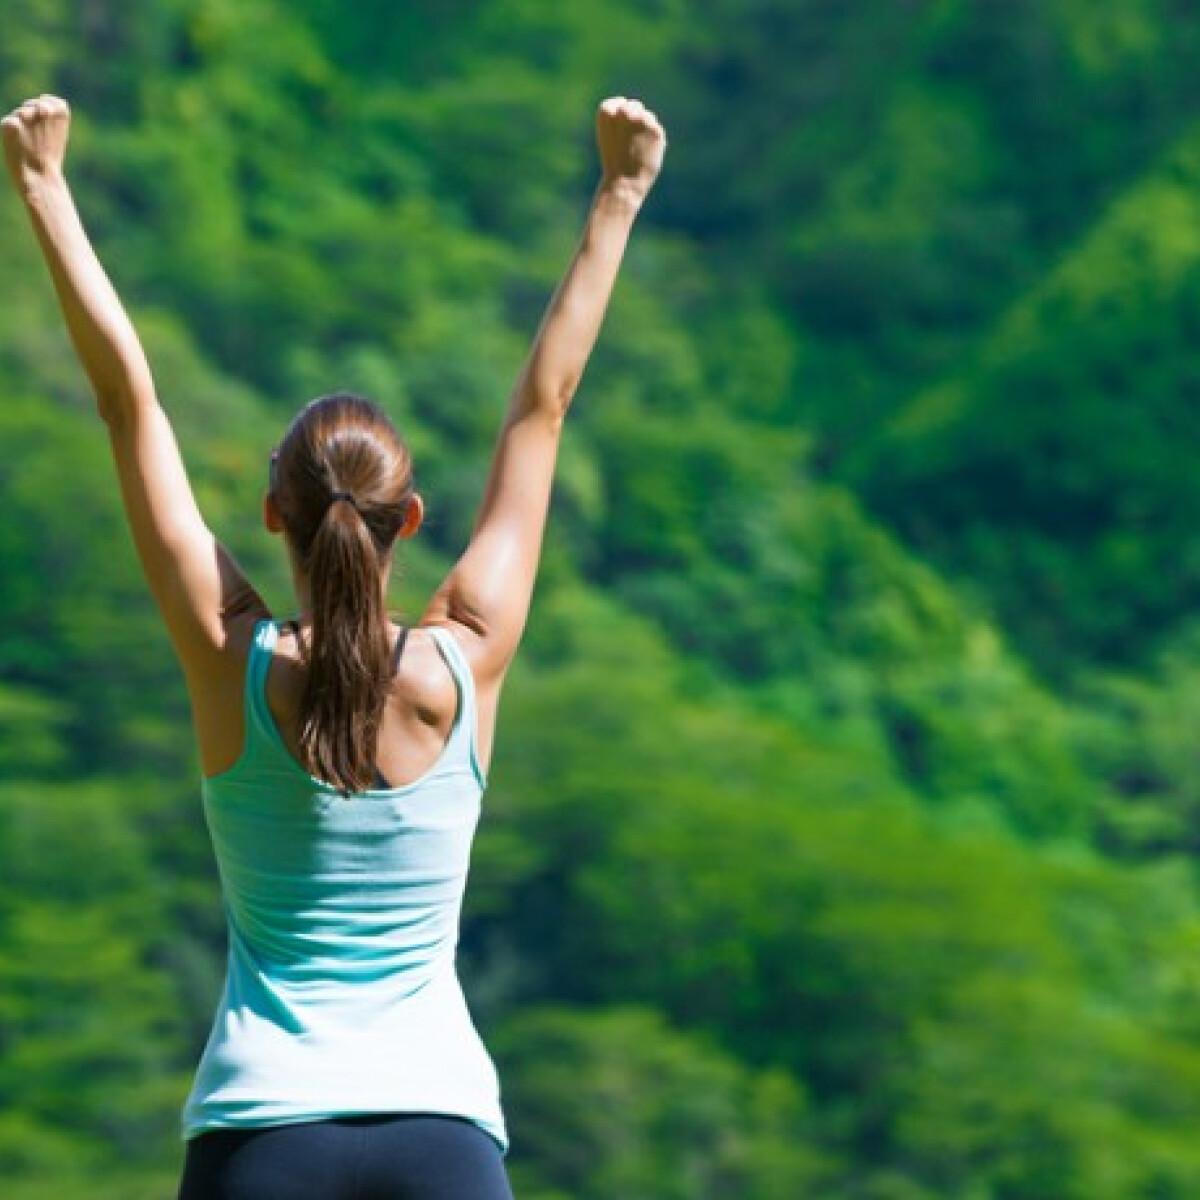 Sose gondoltad volna, hogy a rendszeres edzés ebben is segíthet neked